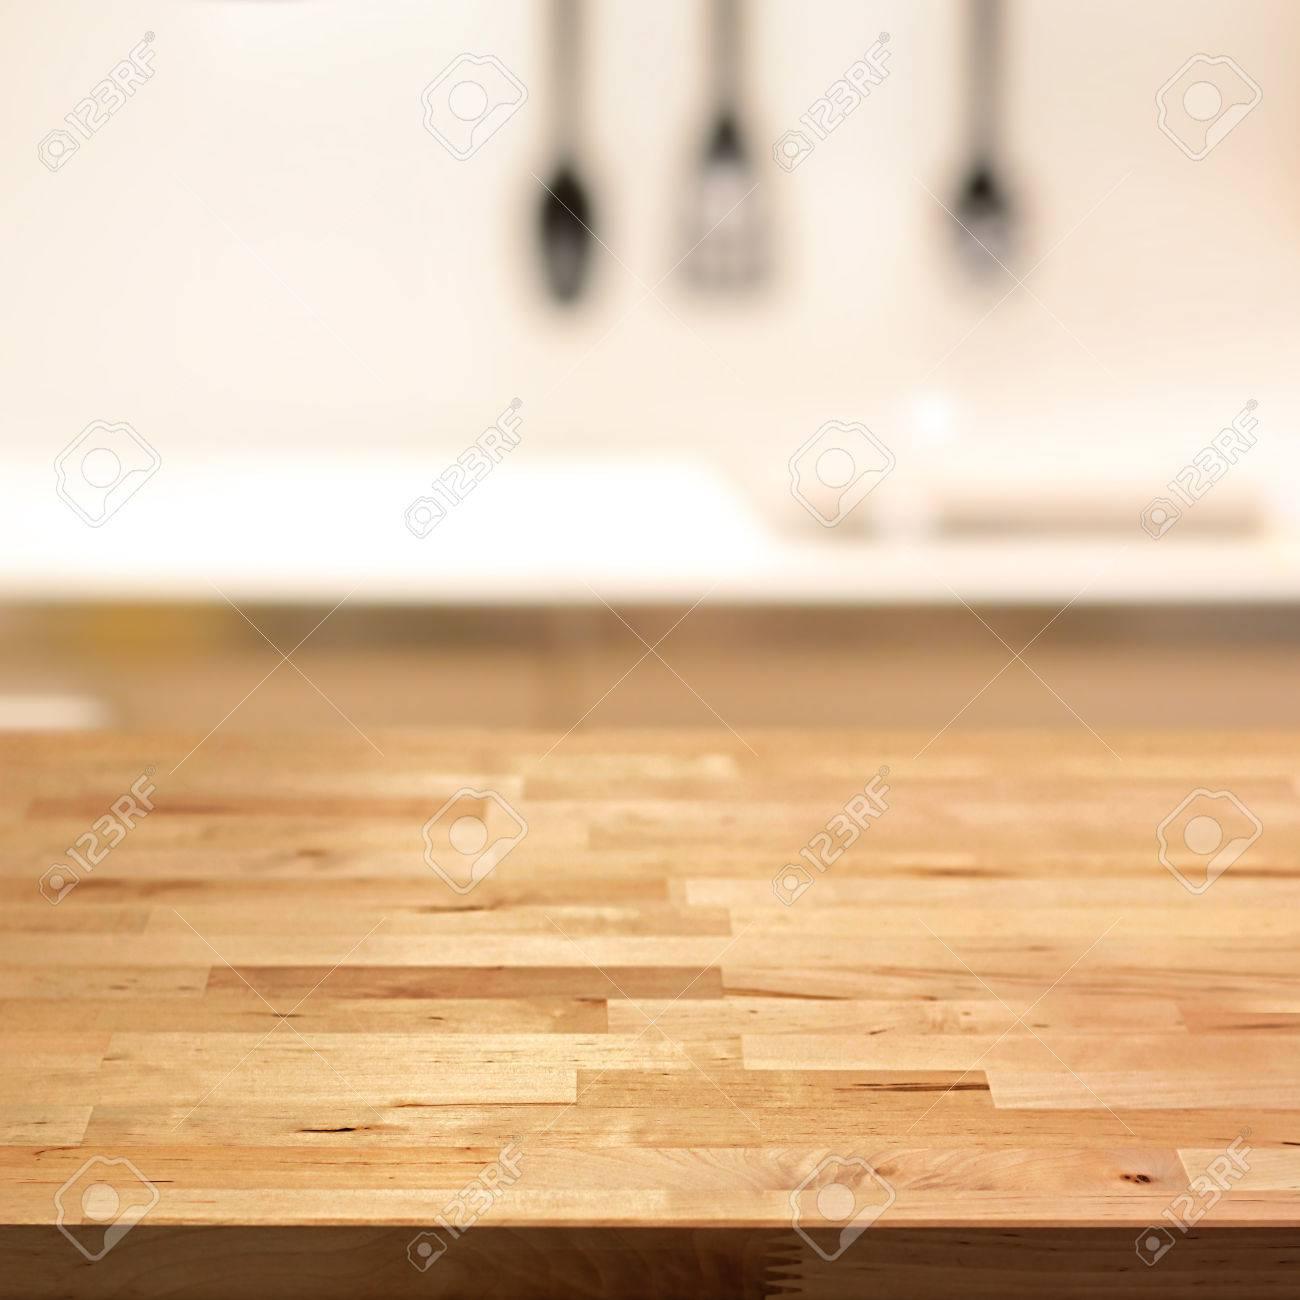 Immagini Stock - Piano Tavolo In Legno (isola Cucina) Su Sfocatura ...